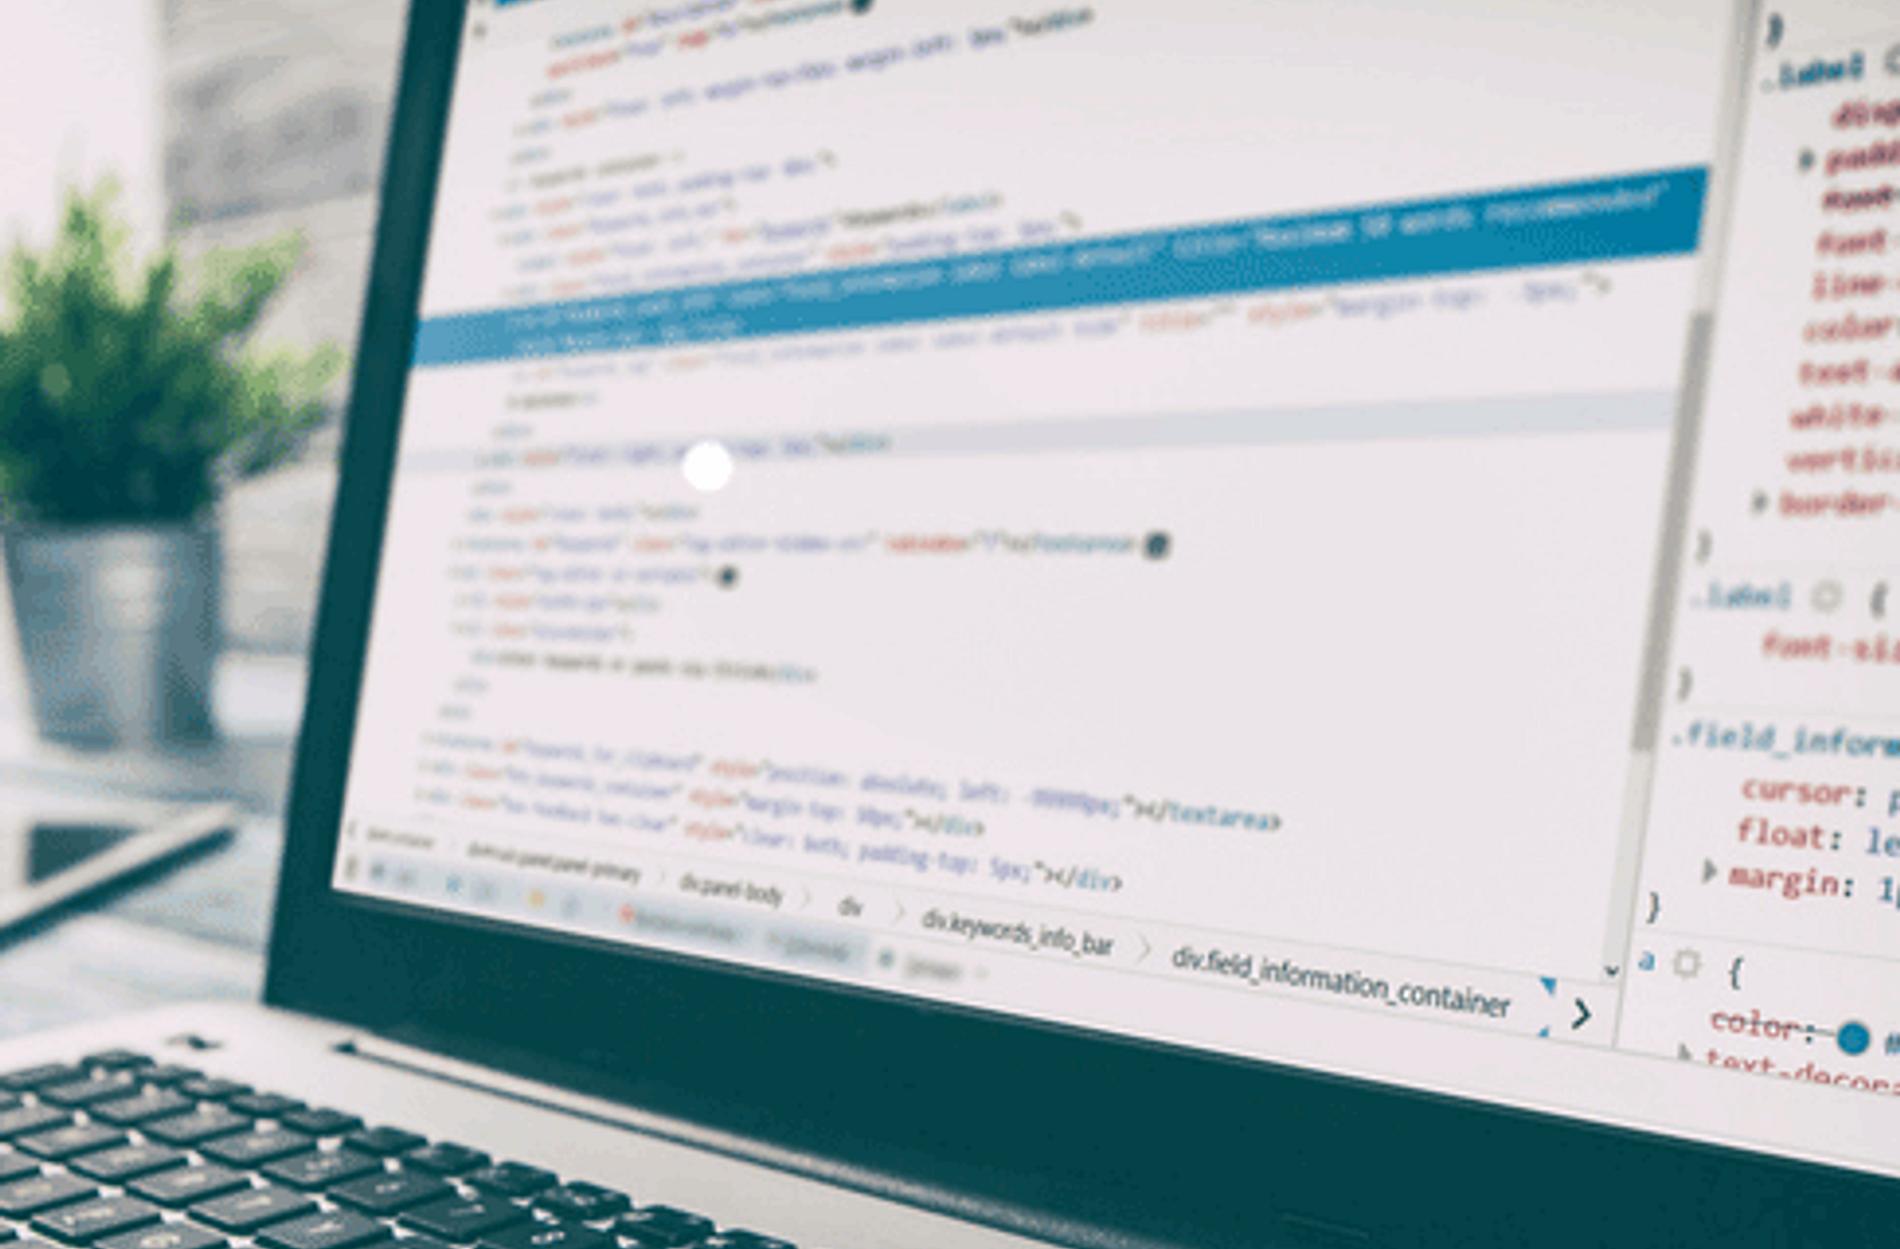 Laptop showing web code